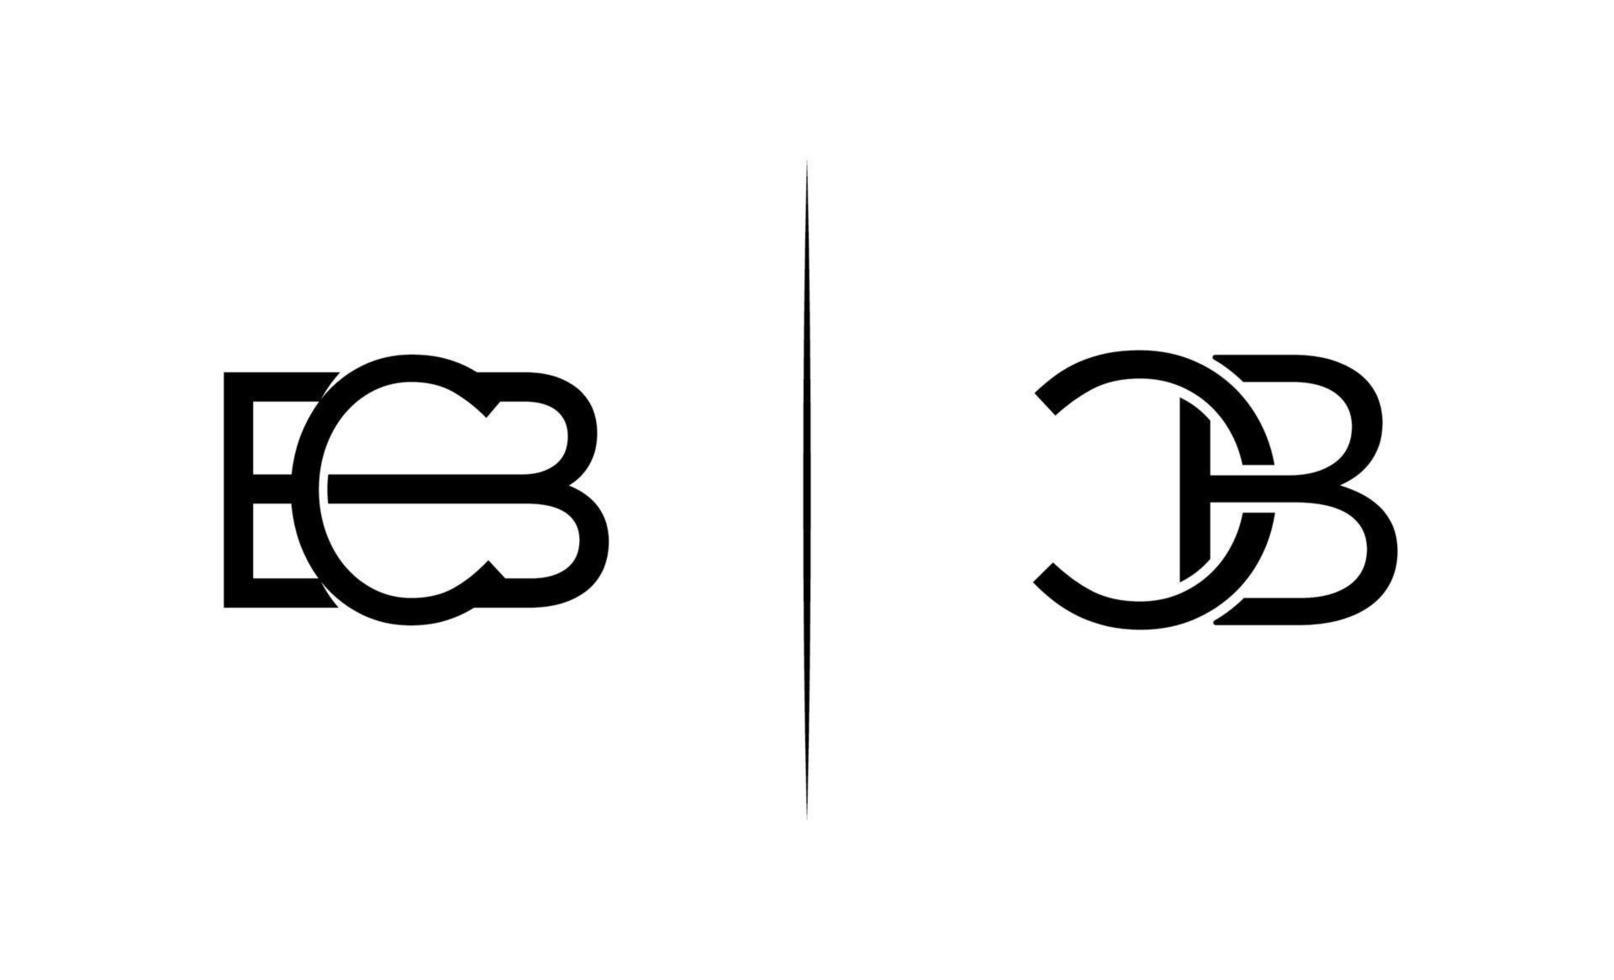 eerste cb logo ontwerpsjabloon vector